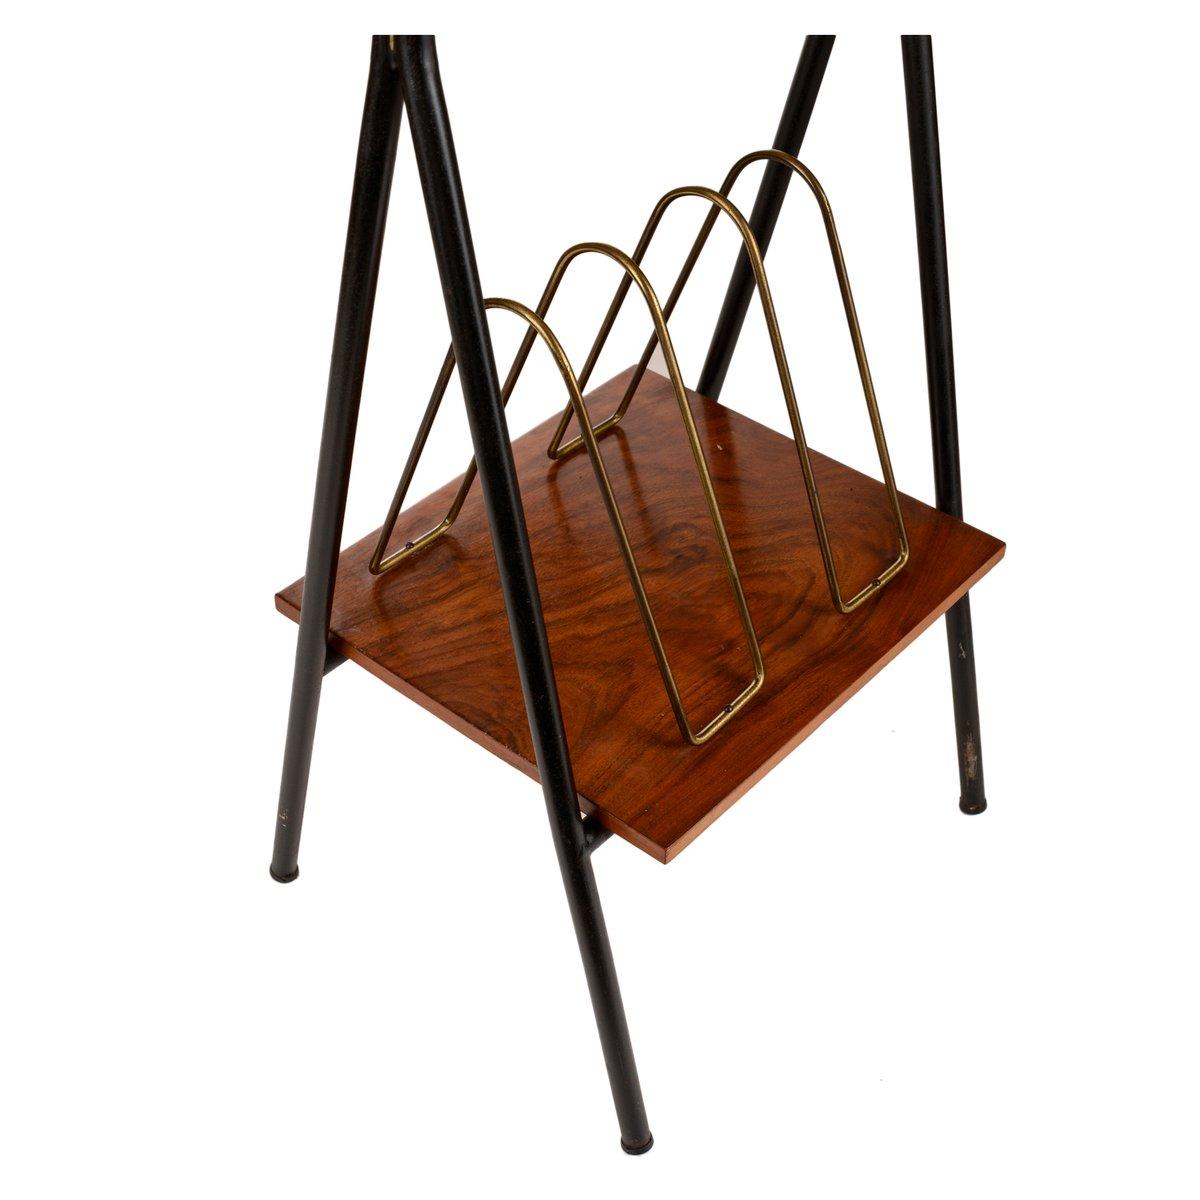 zeitschriftenst nder tisch aus holz metall 1960er bei. Black Bedroom Furniture Sets. Home Design Ideas